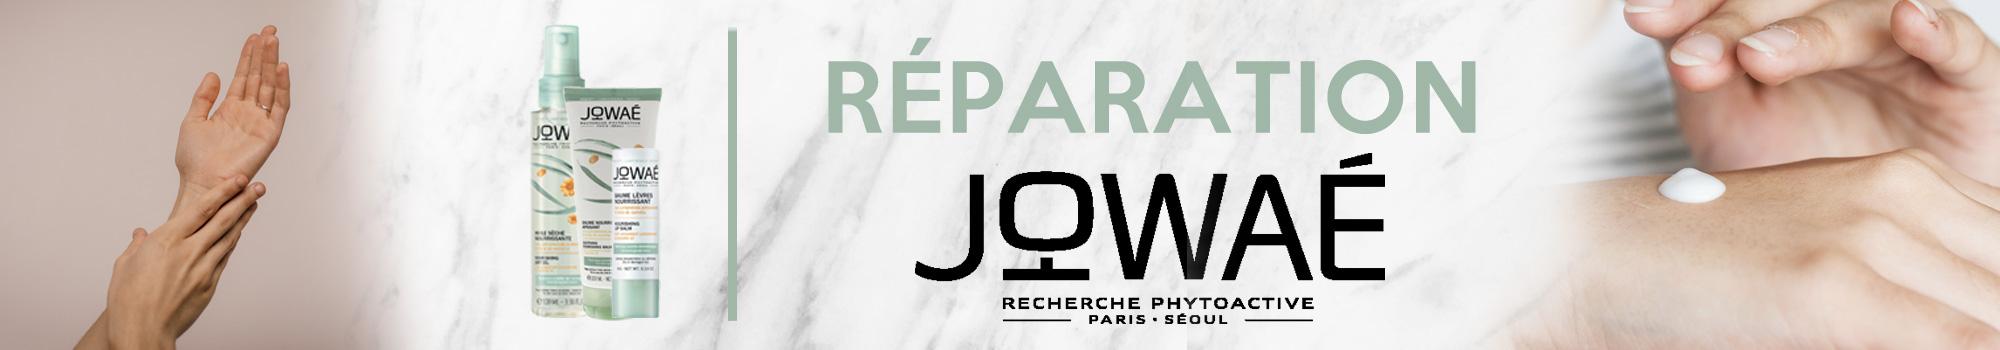 Jowaé Réparation